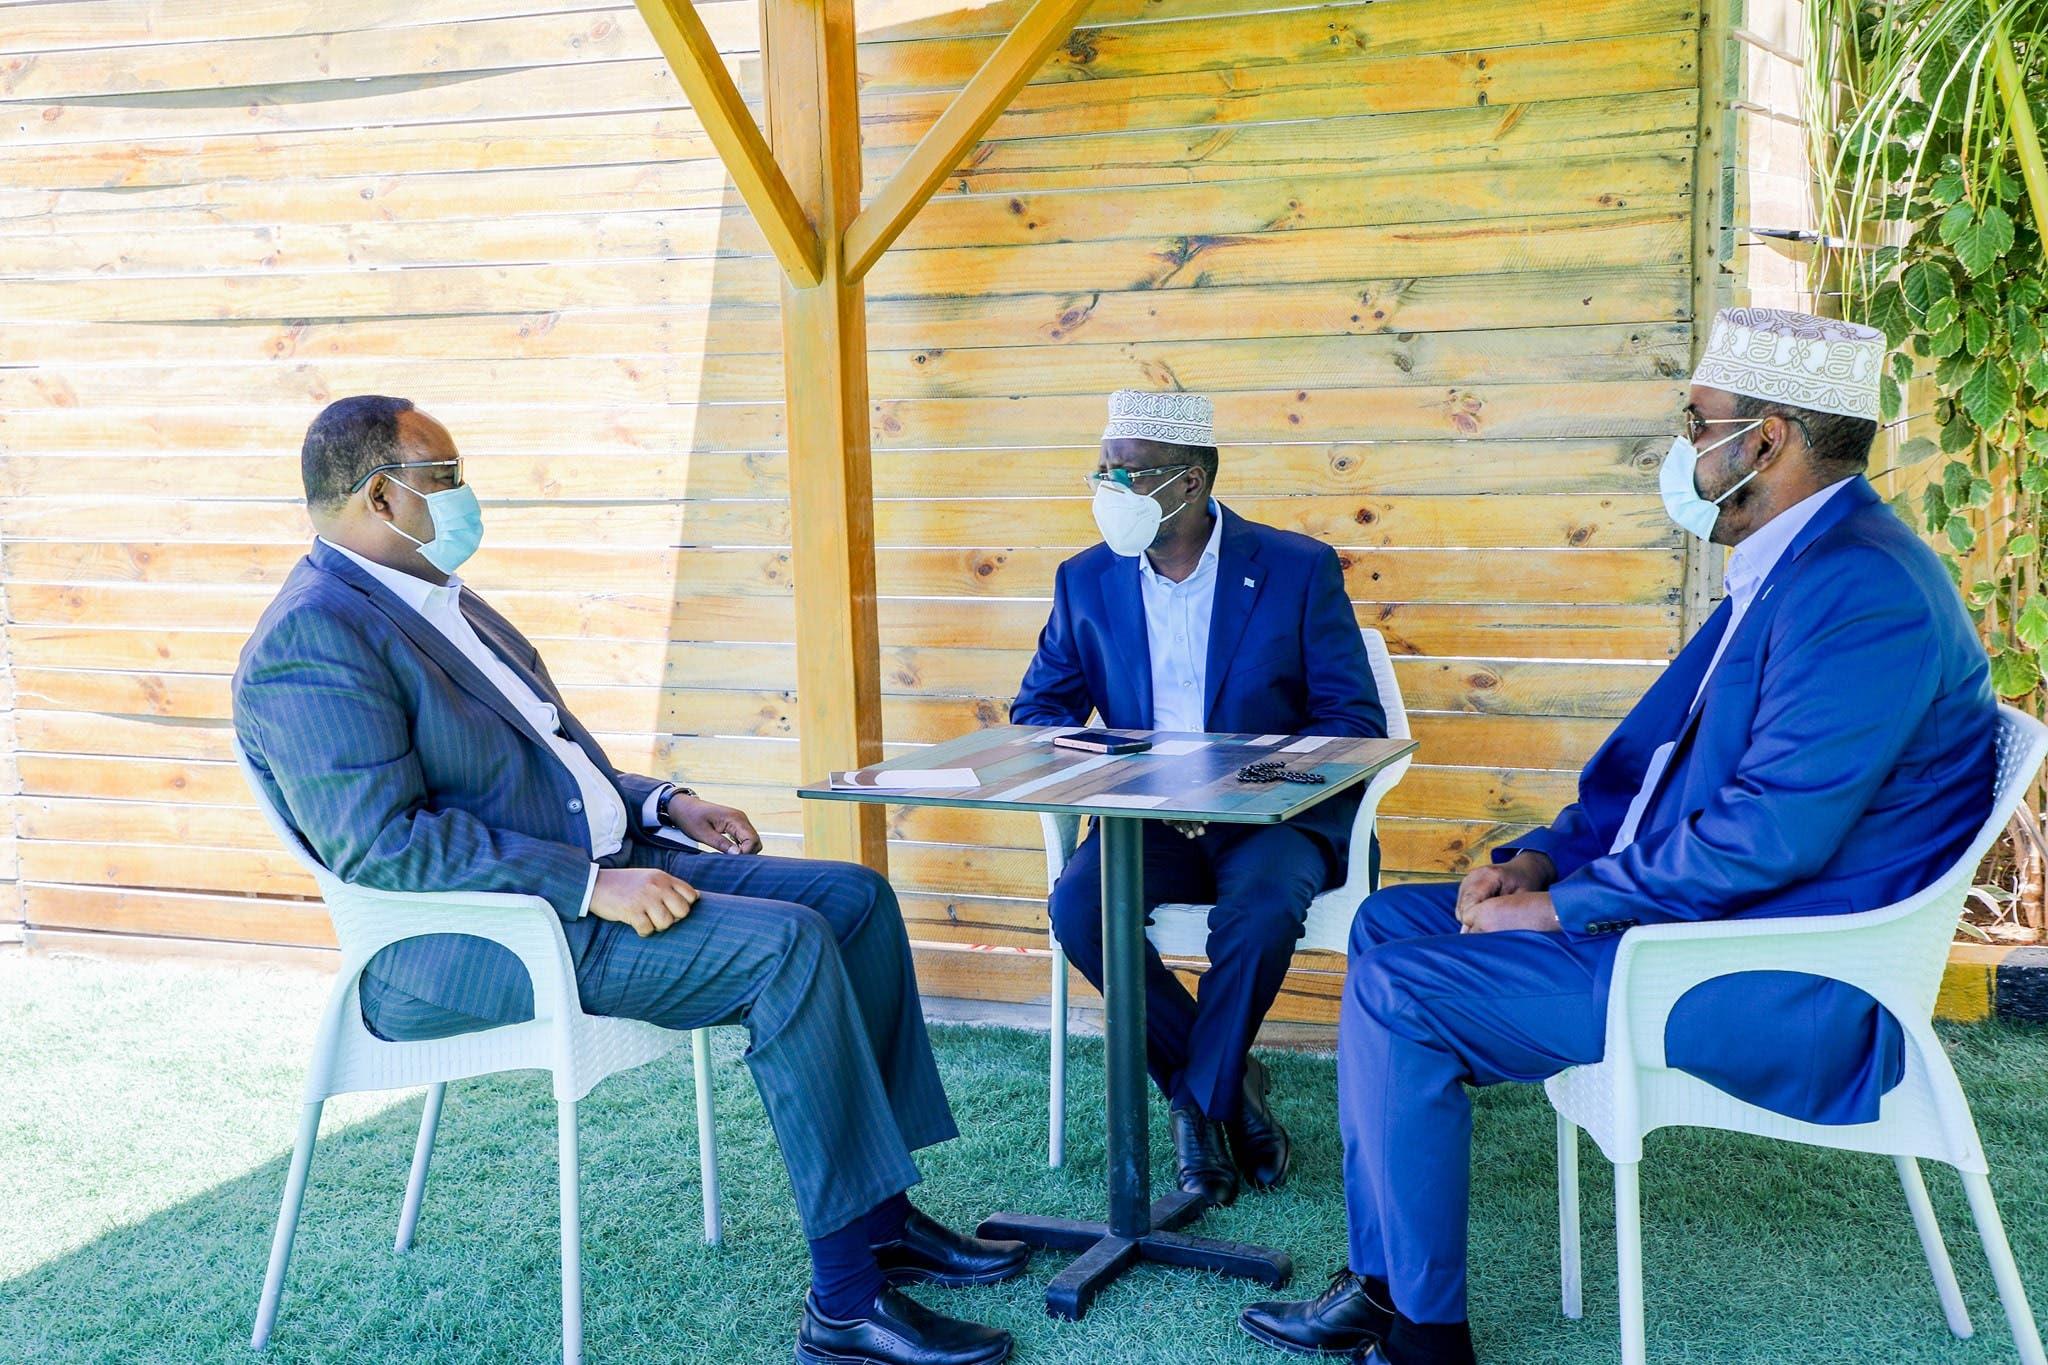 Sawirro: Maxaa kasoo baxay kulankii Sheikh Shariif, Siciid Deni iyo Axmed Madoobe?